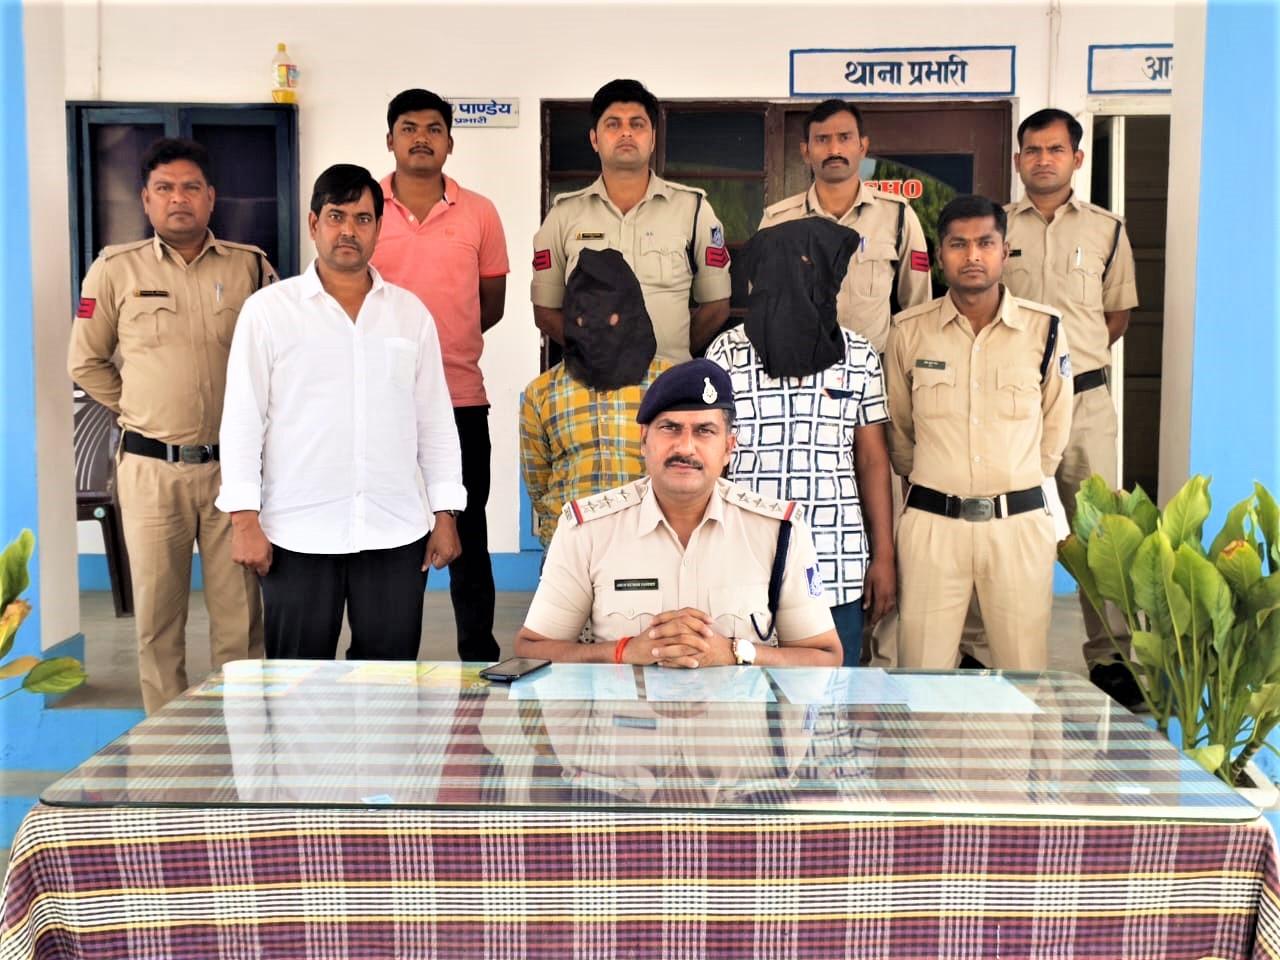 kotwali police